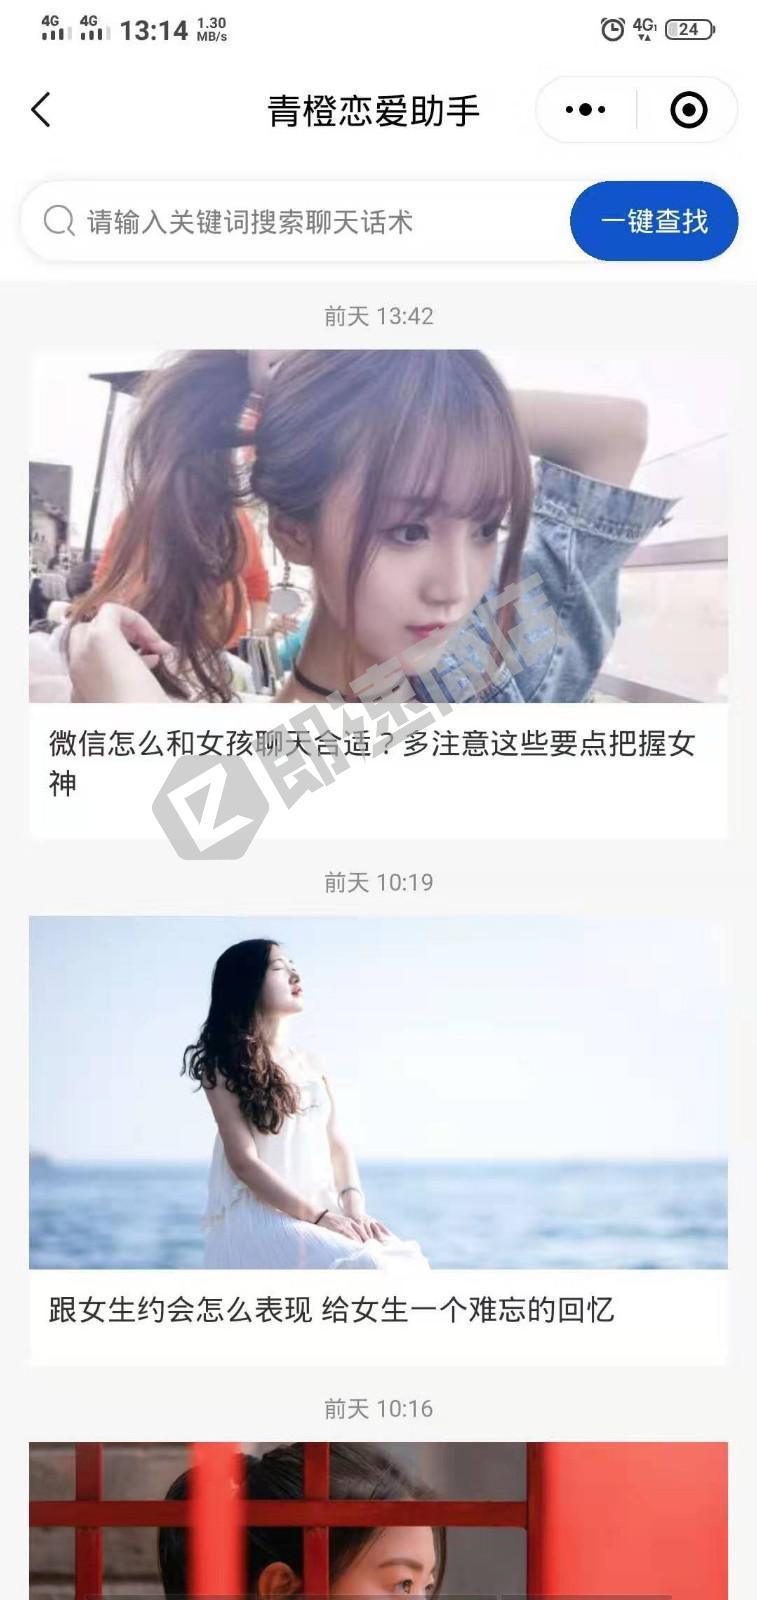 青橙恋爱助手小程序详情页截图